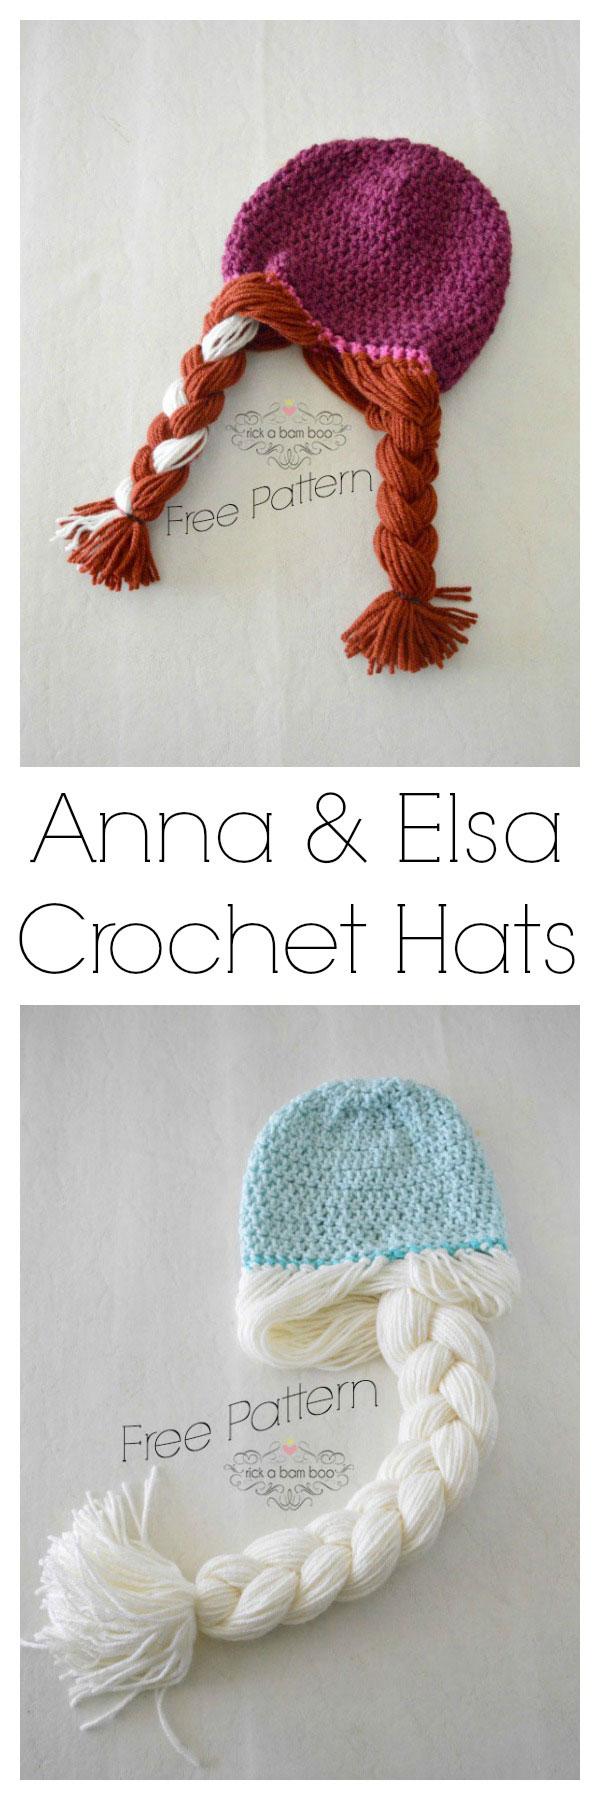 Anna & Elsa Crochet Hats | rickabamboo.com